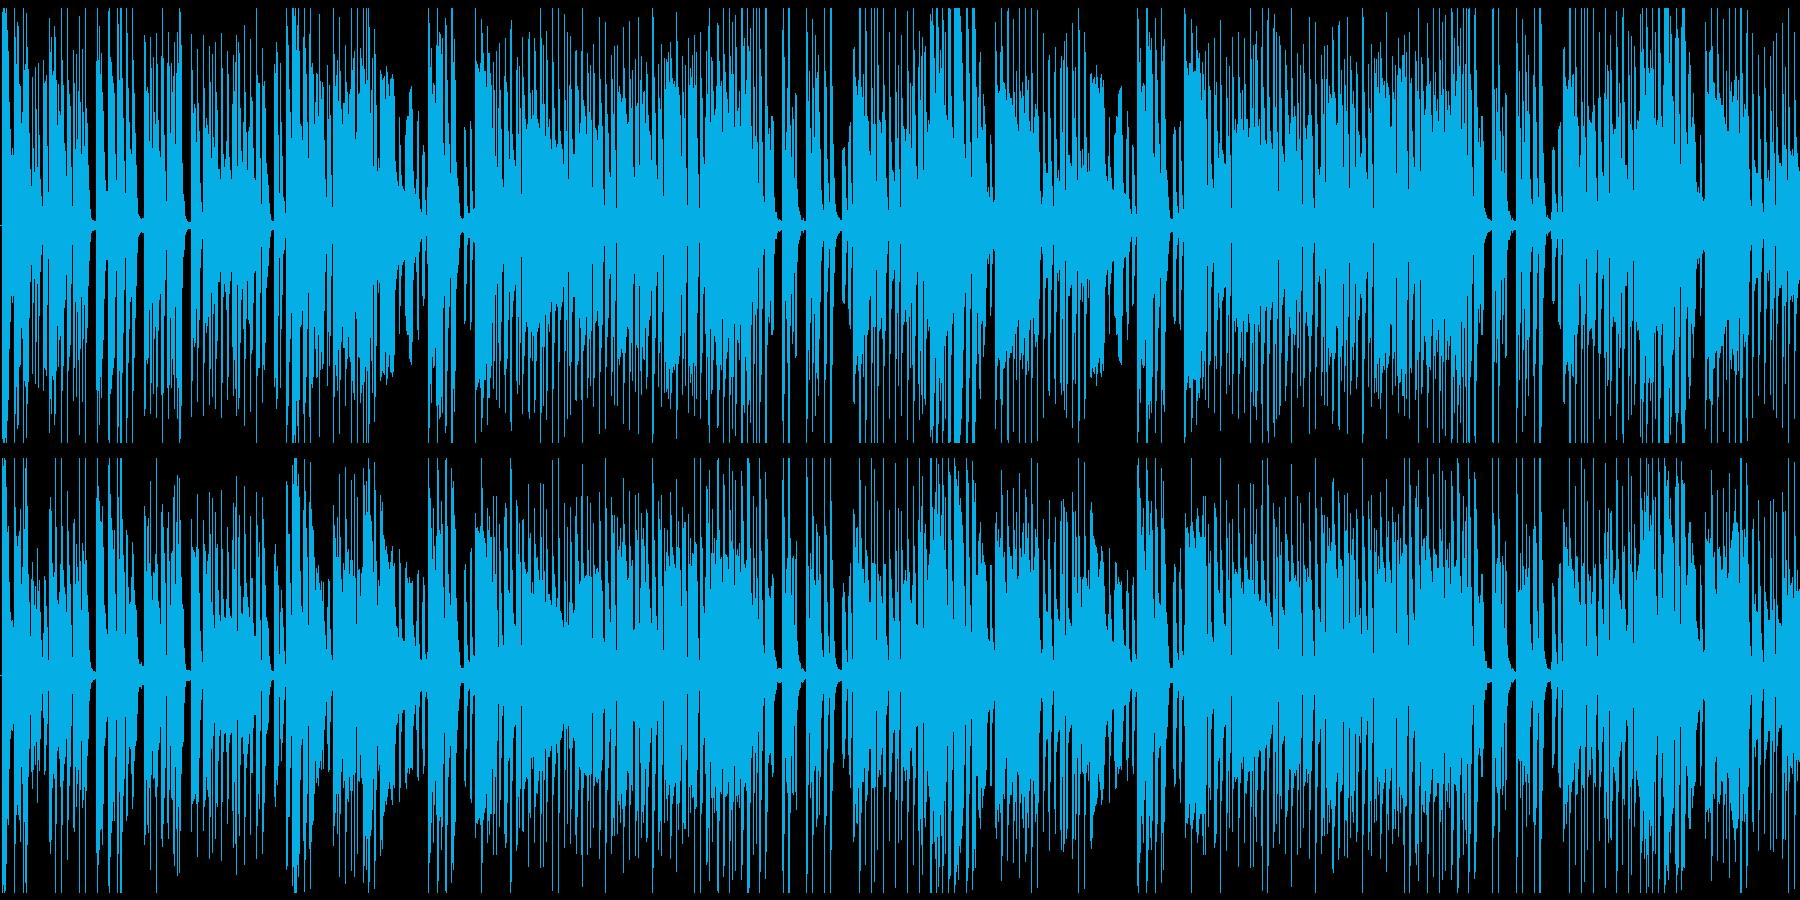 明るい演歌的なメロディの和風BGMの再生済みの波形